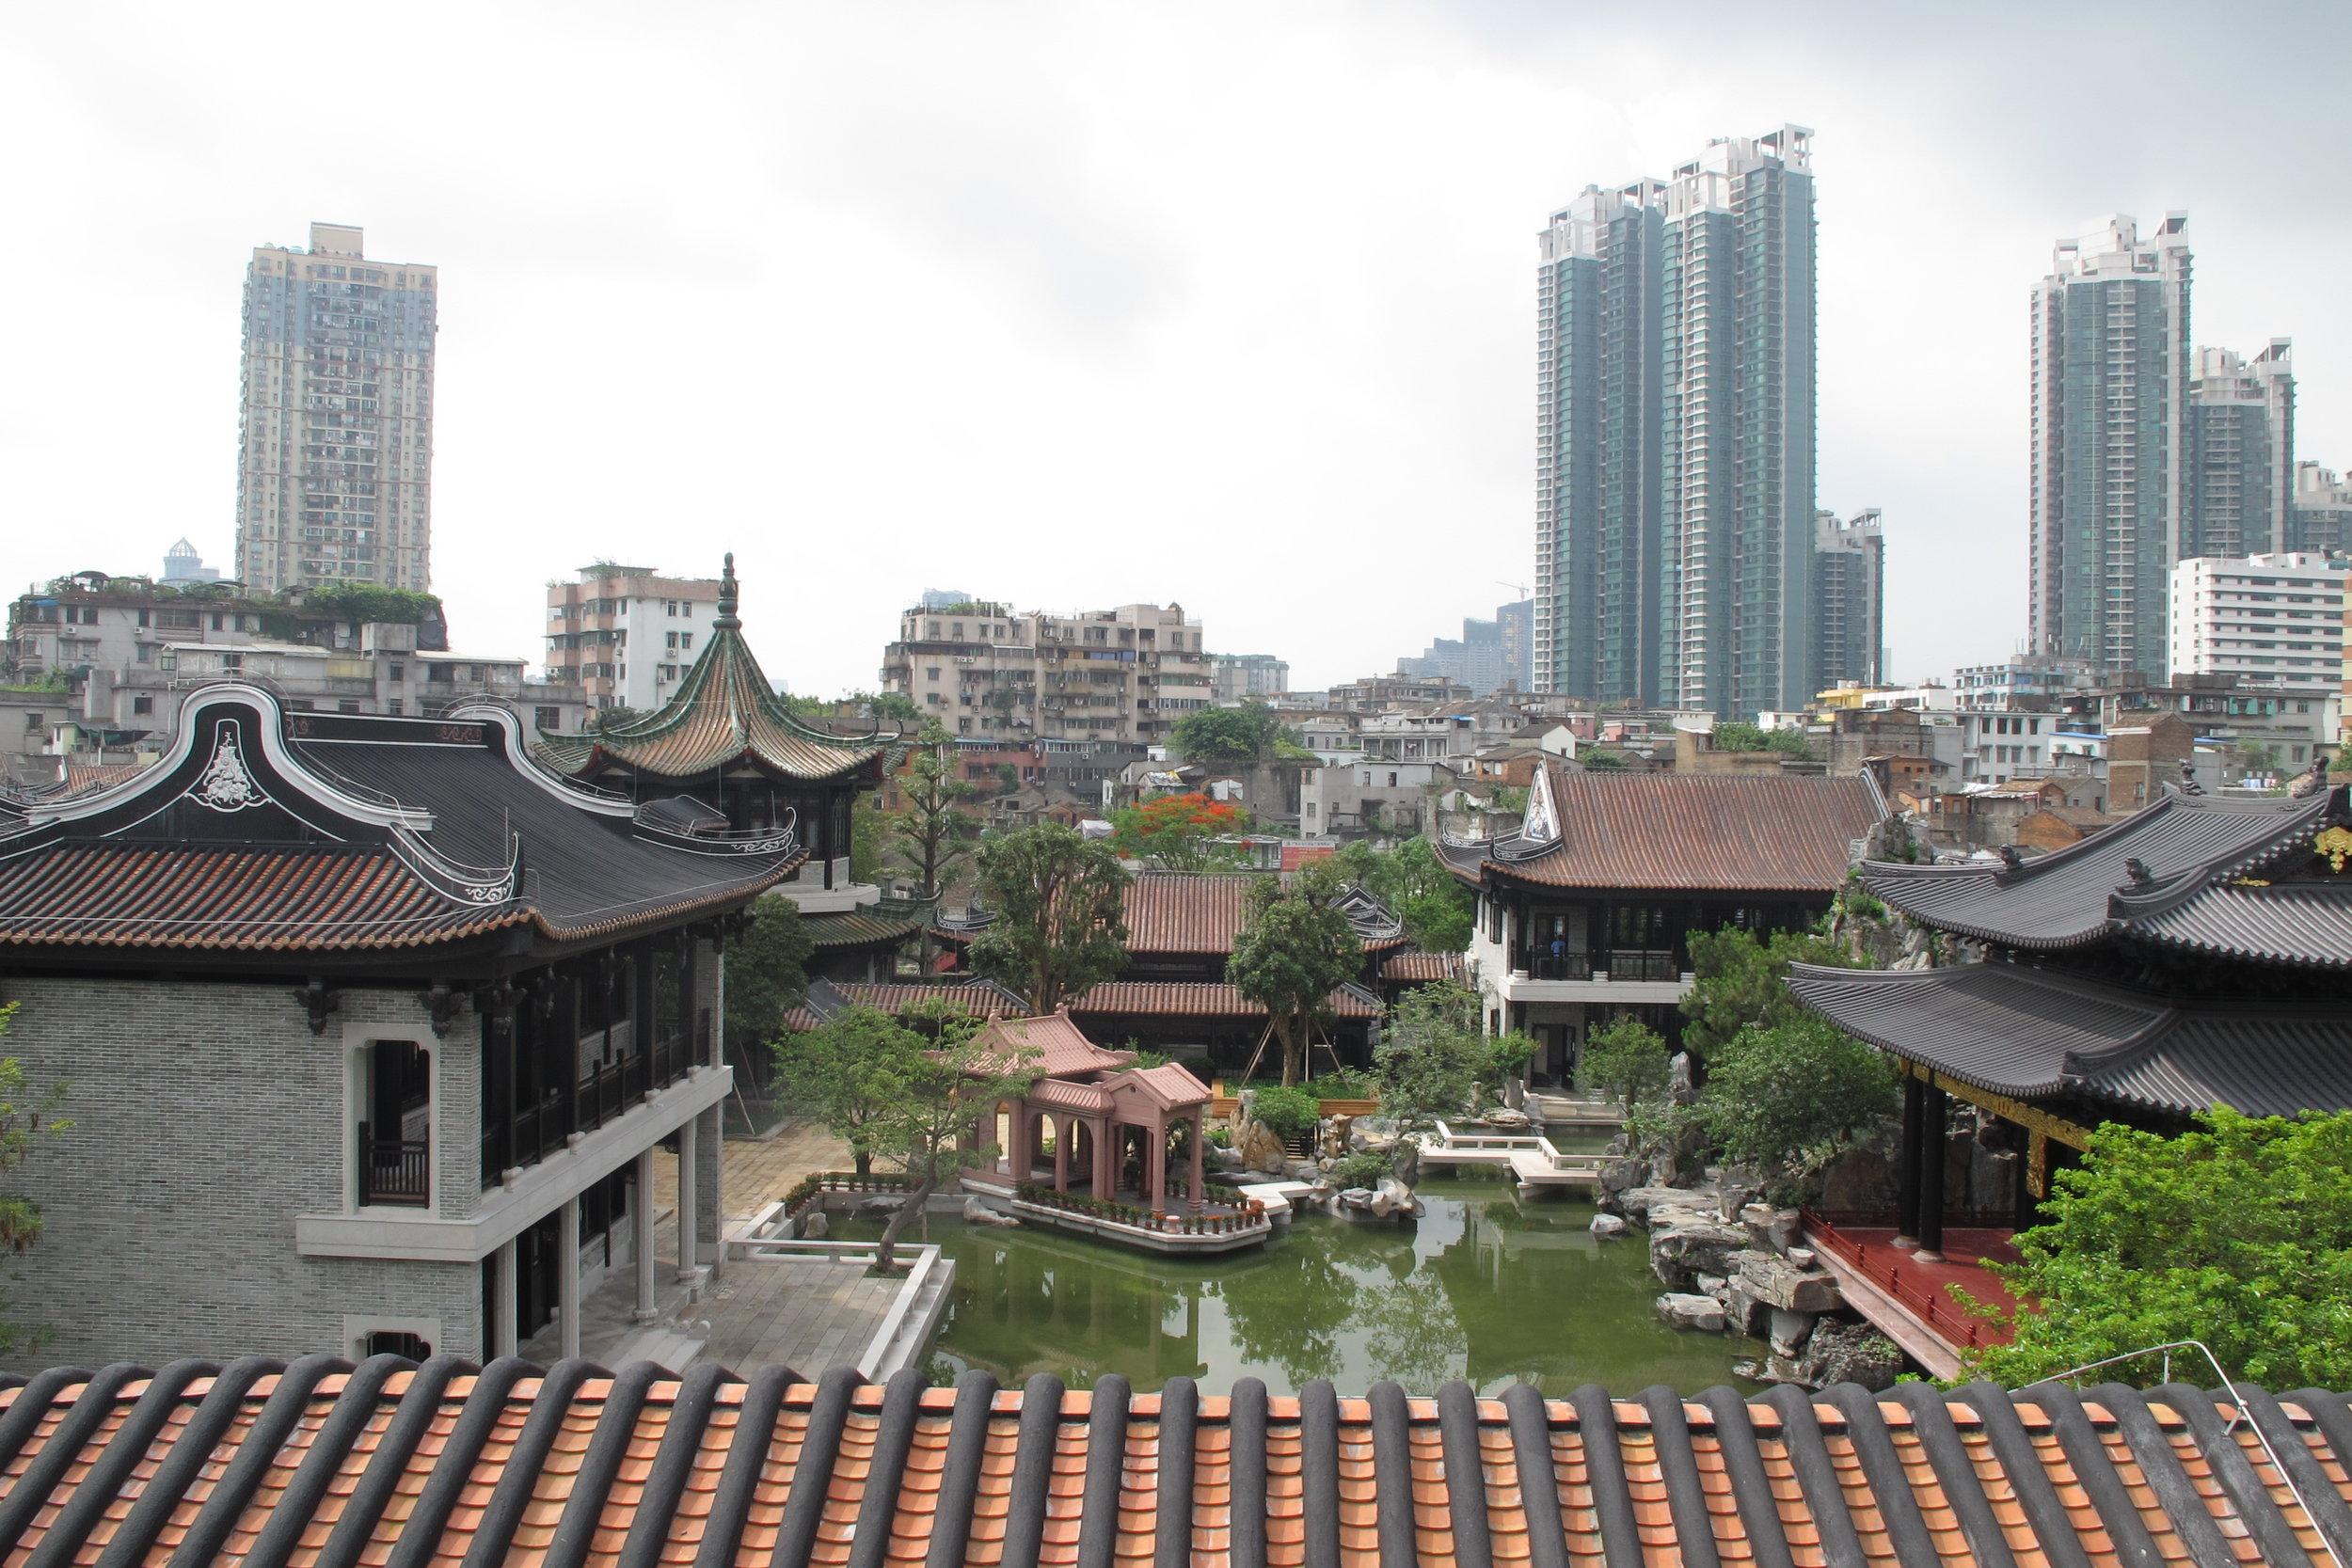 Guangzhou city view (Image ©Duanfang Lu)